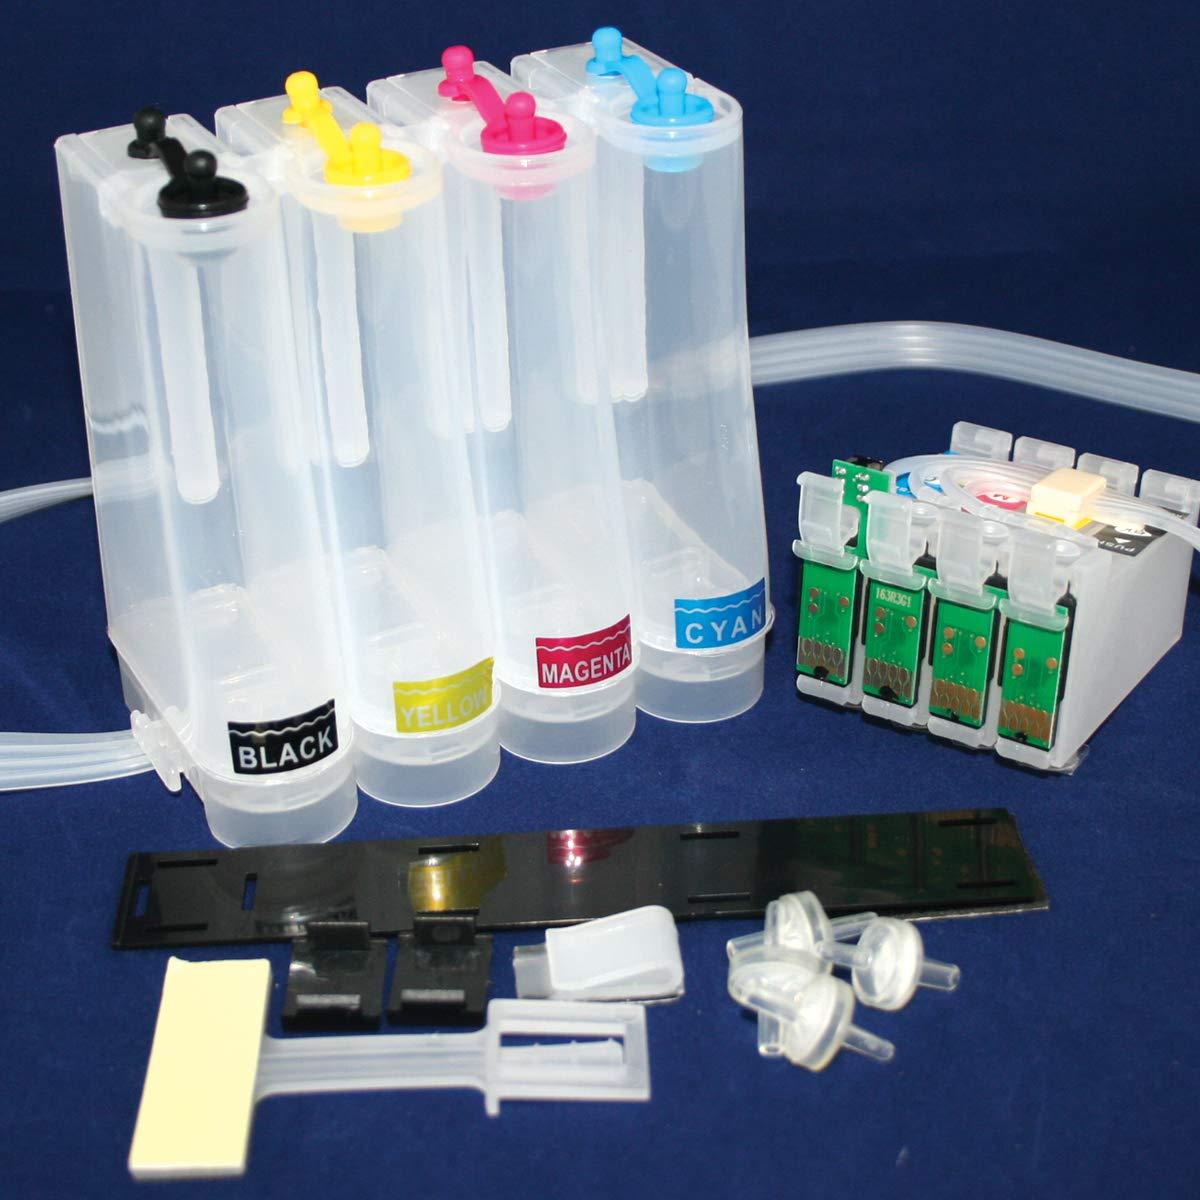 CISS Sistema de Tinta Continua vacía para impresoras Epson ...